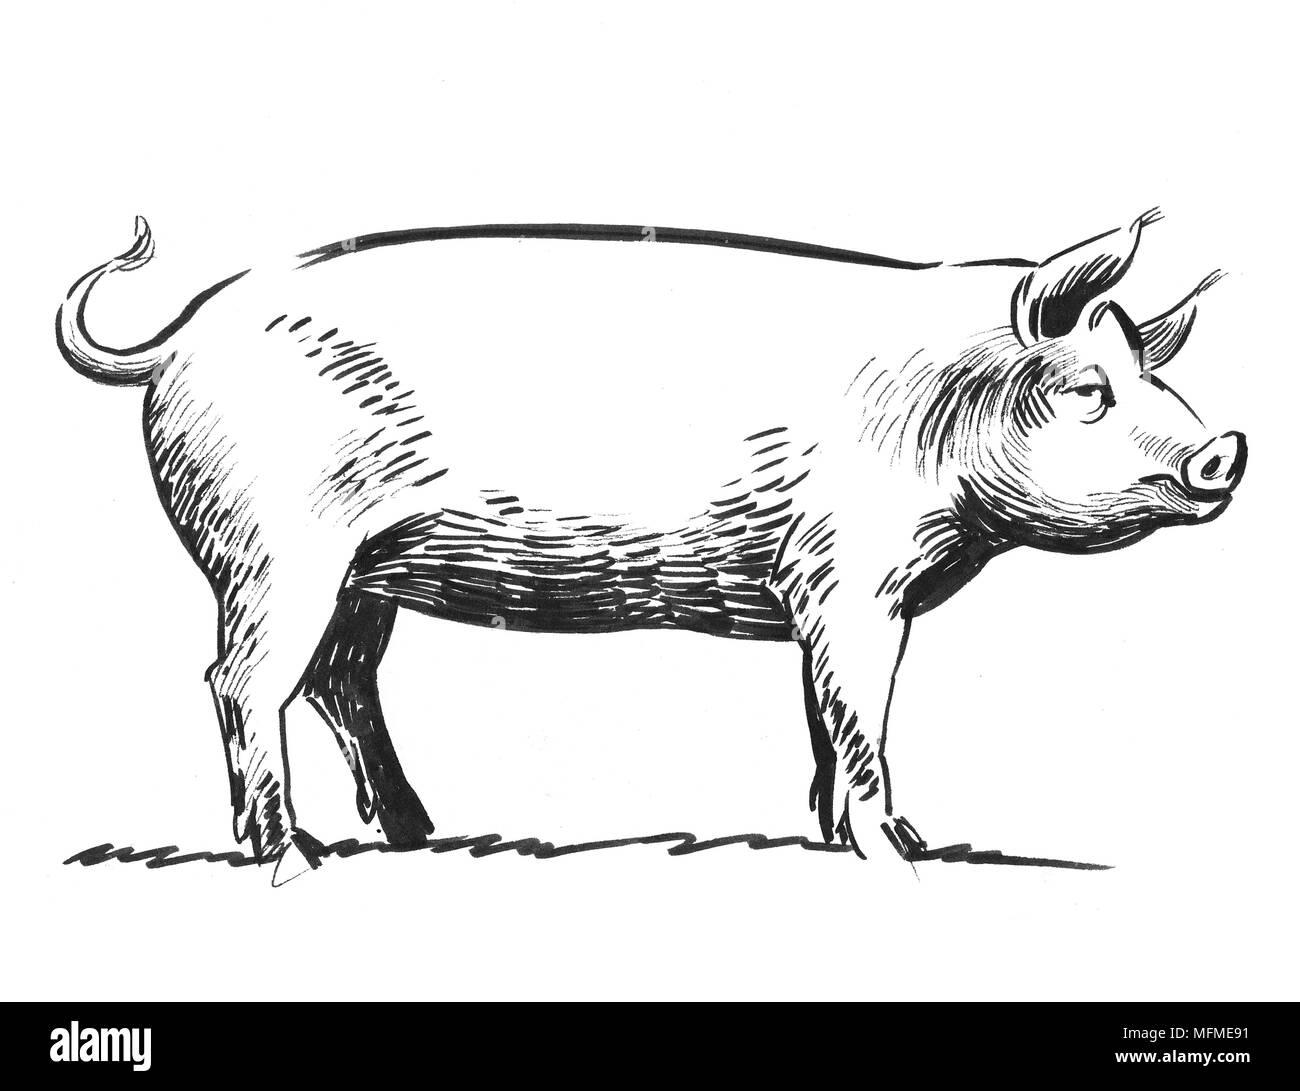 Linchiostro In Bianco E Nero Di Disegno Di Un Animale Di Maiale